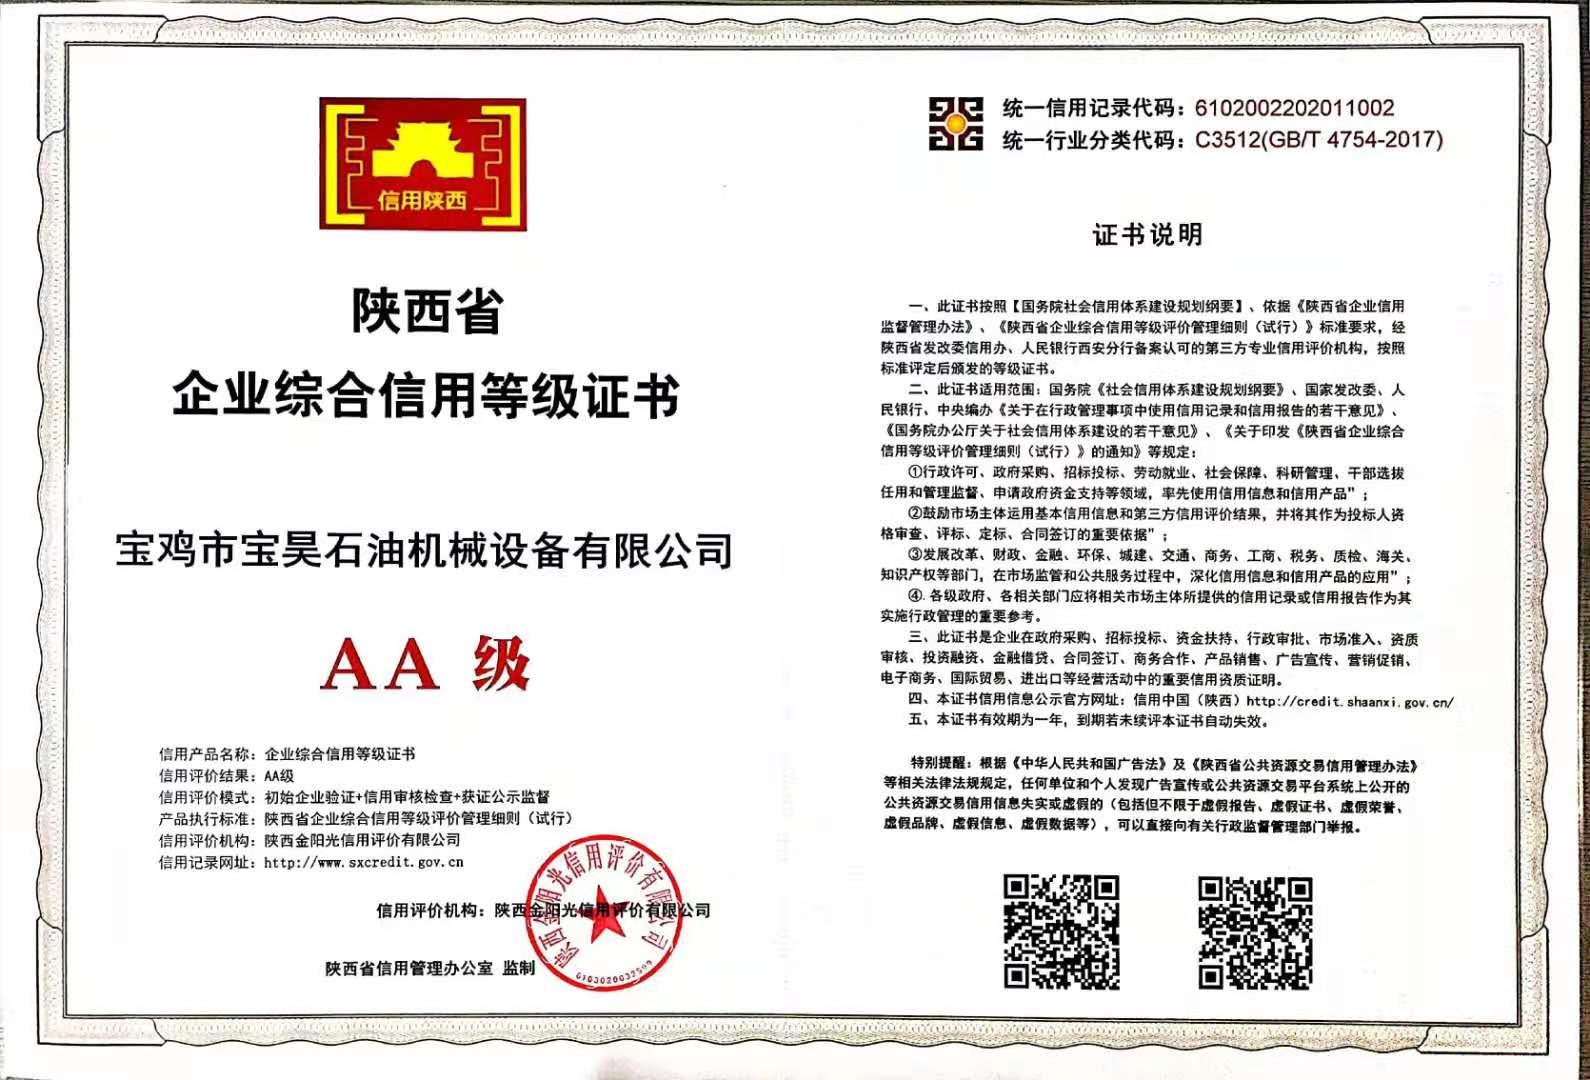 宝昊石油荣获——陕西省企业综合信用等级证书AA级